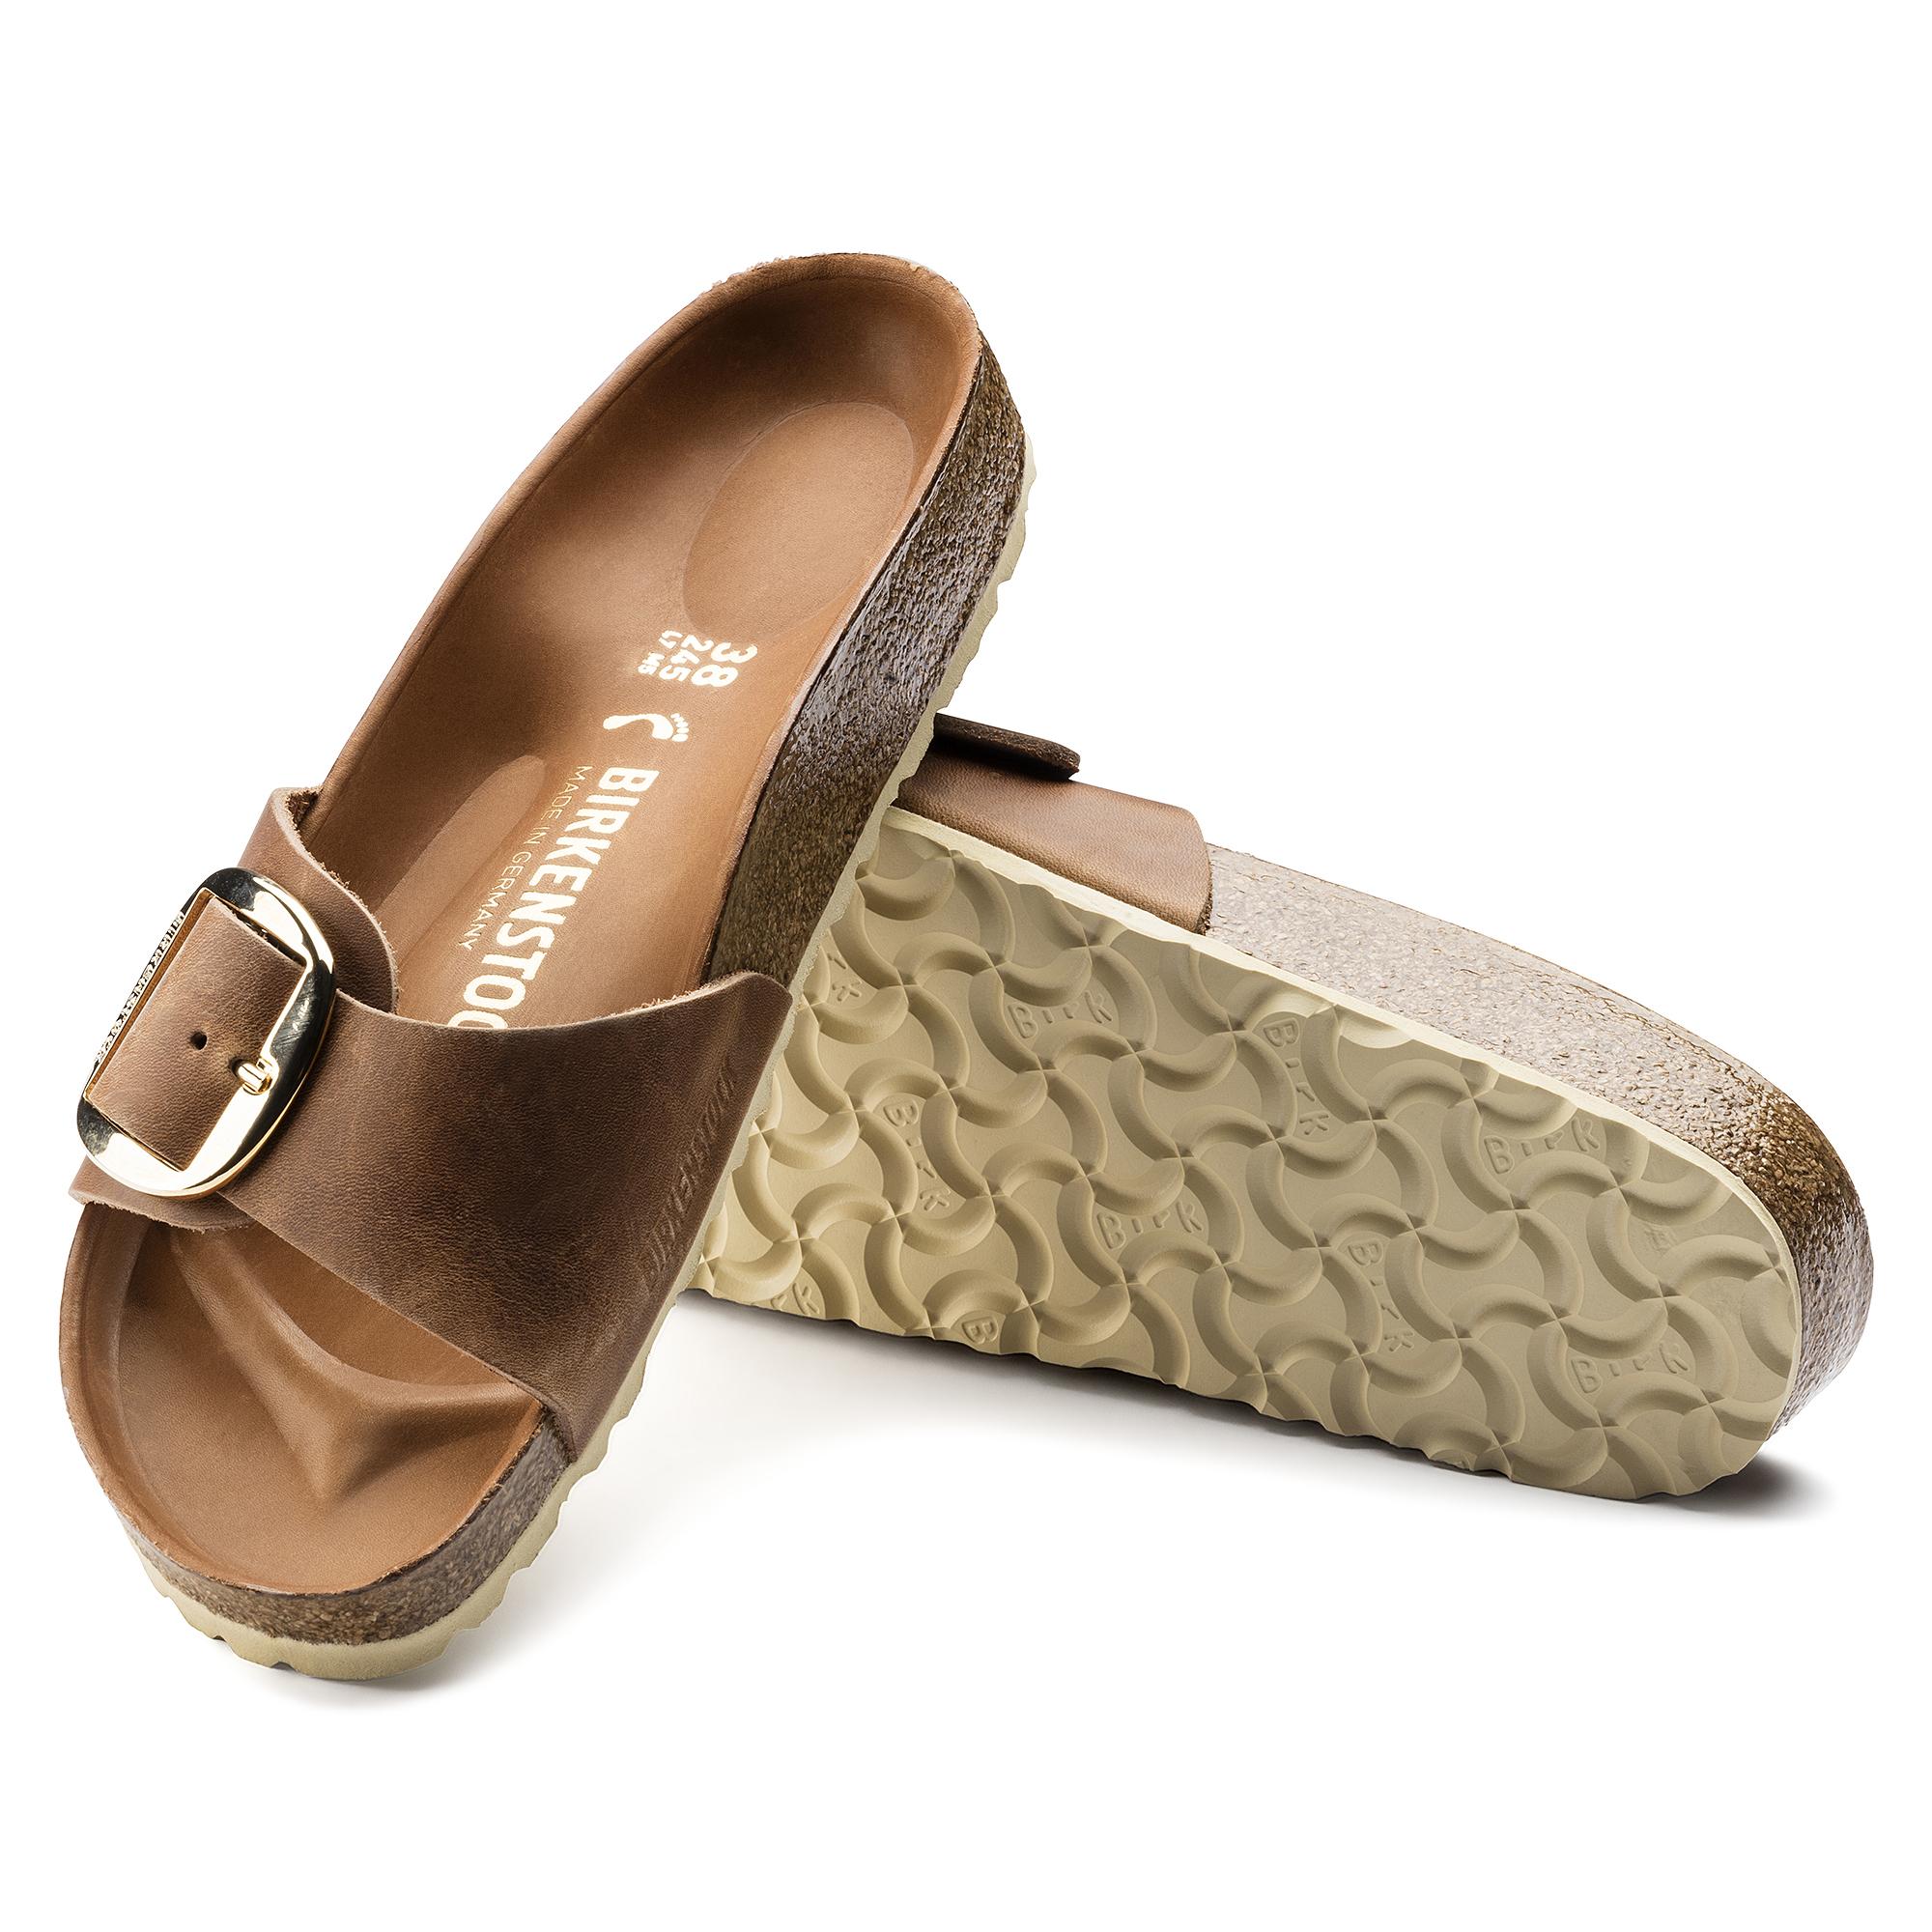 Birkenstock Madrid Sandals in 2020